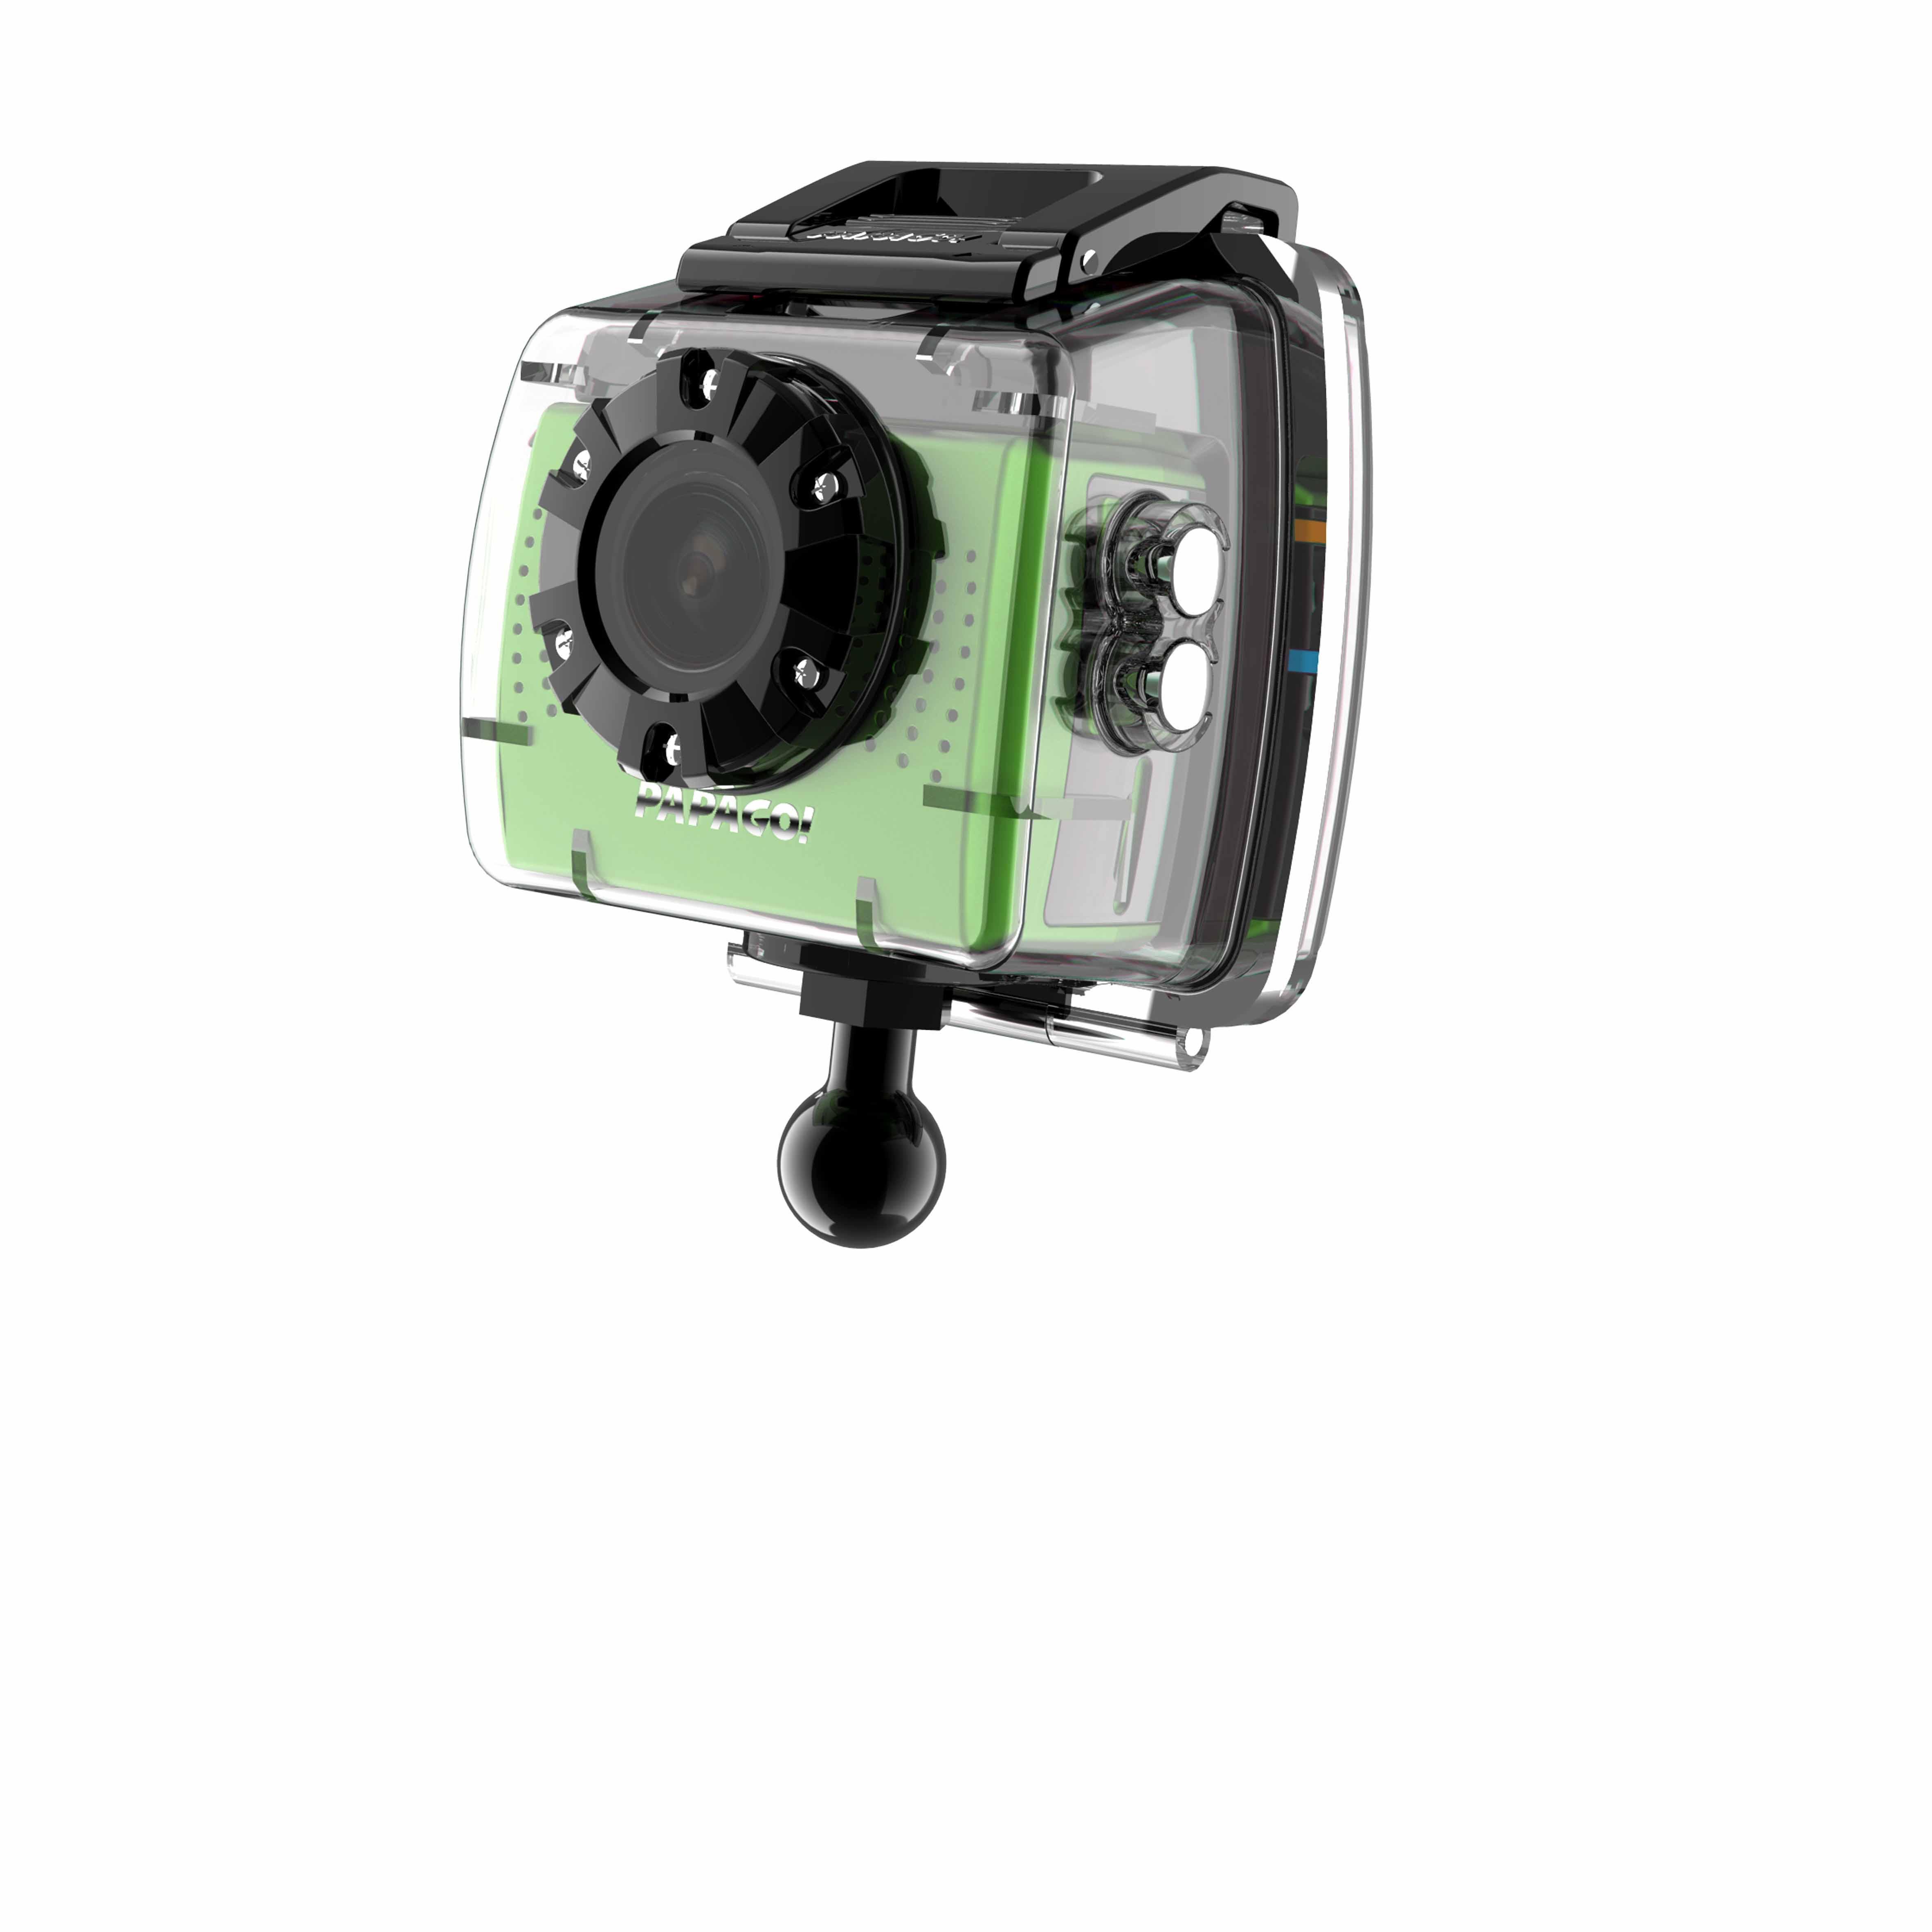 WIFI行车记录仪4_产品设计-来设计